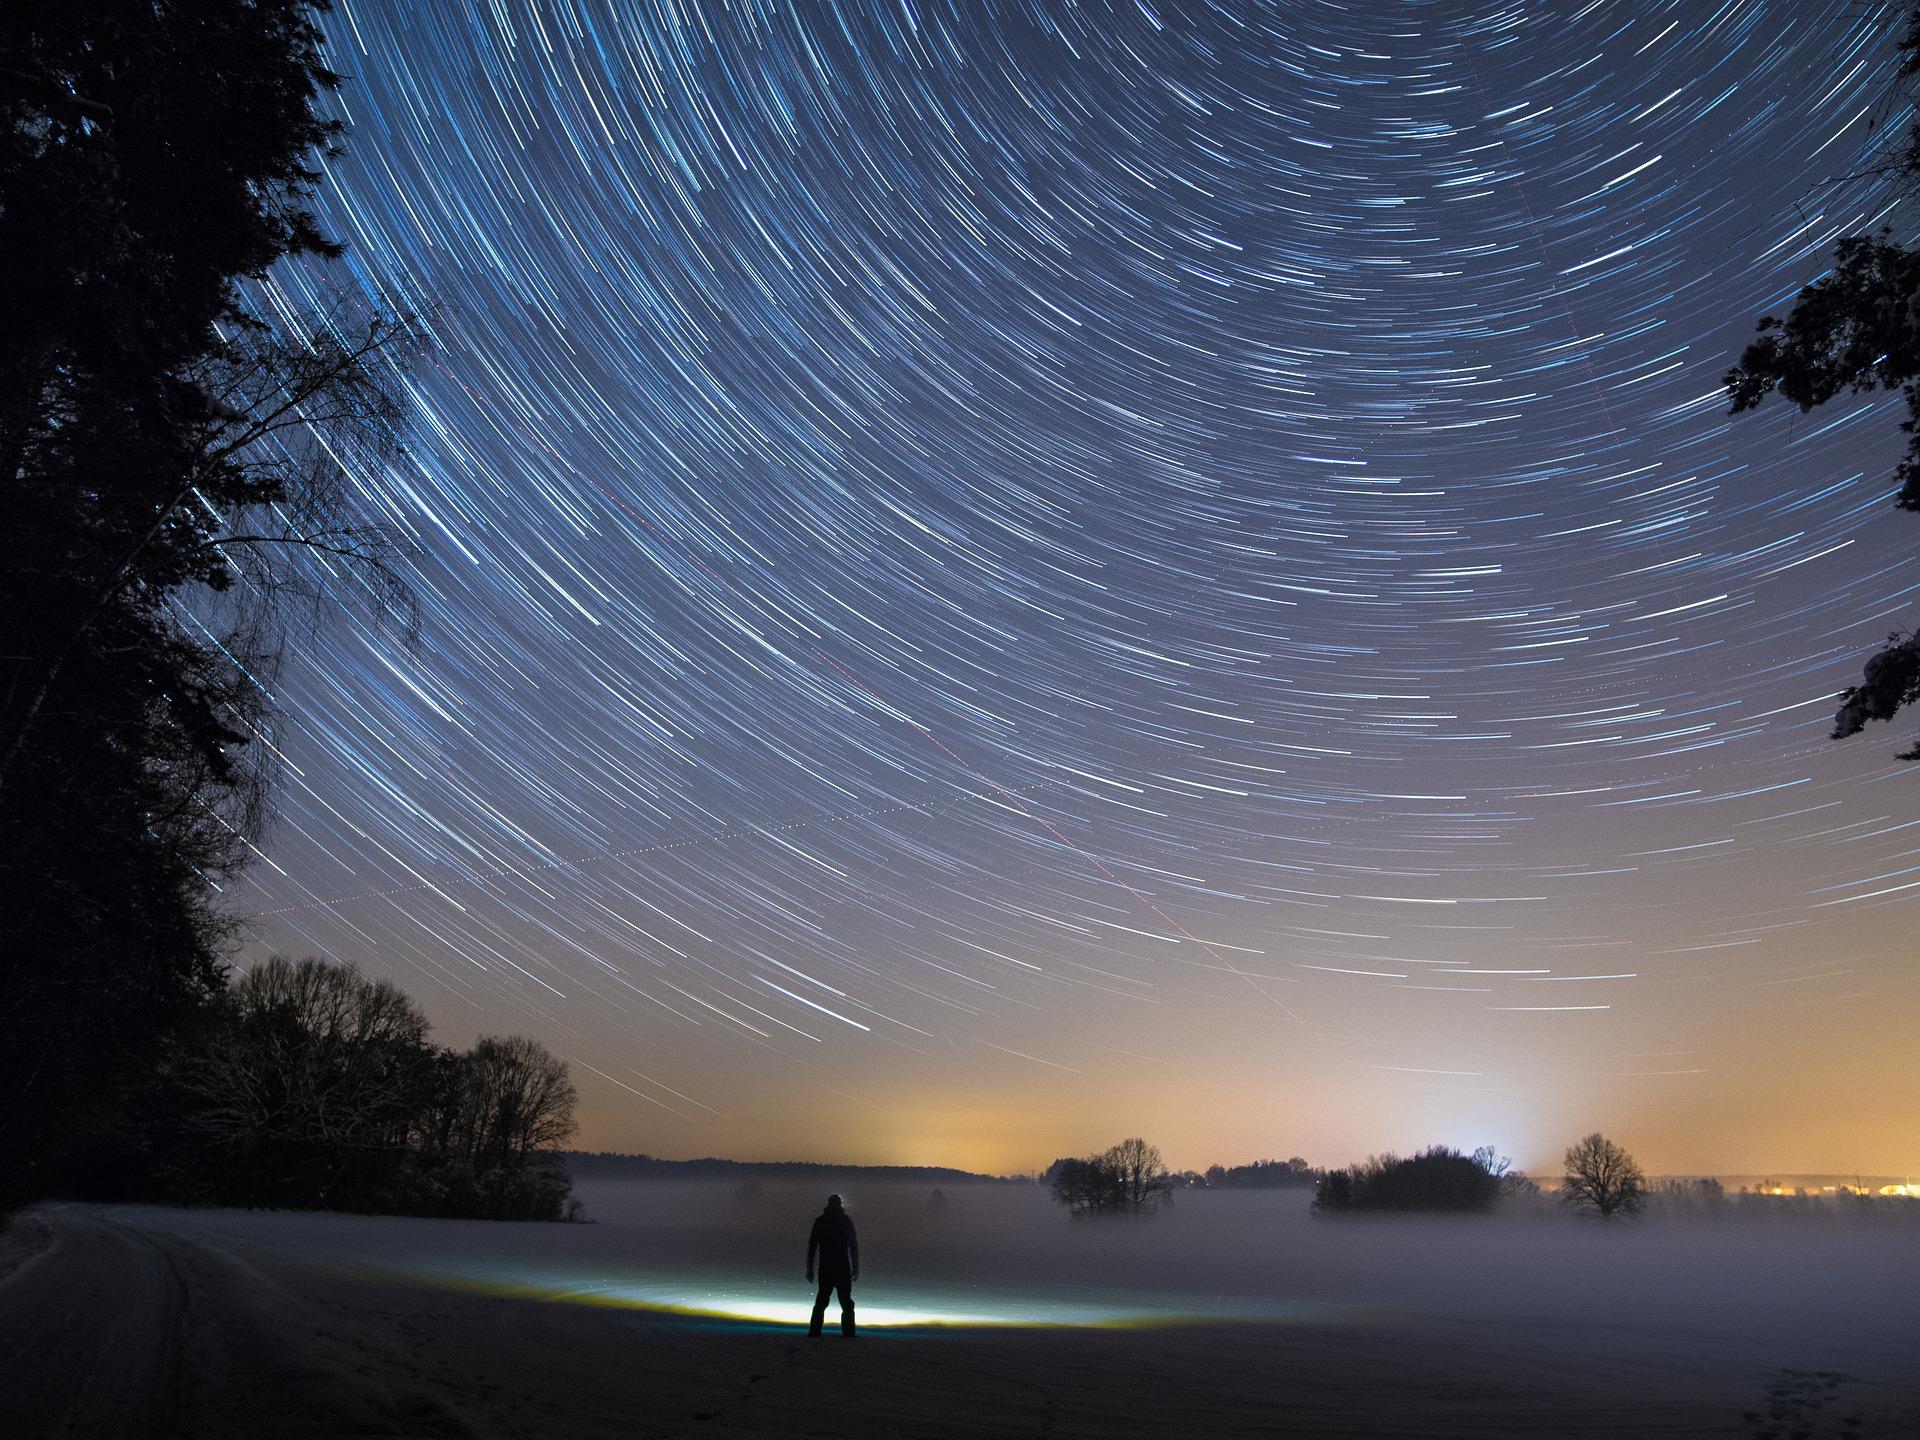 Homme seul dans un paysage enneigé de nuit. Vue sur le ciel étoilé en mouvement. Lumières à l'horizon.